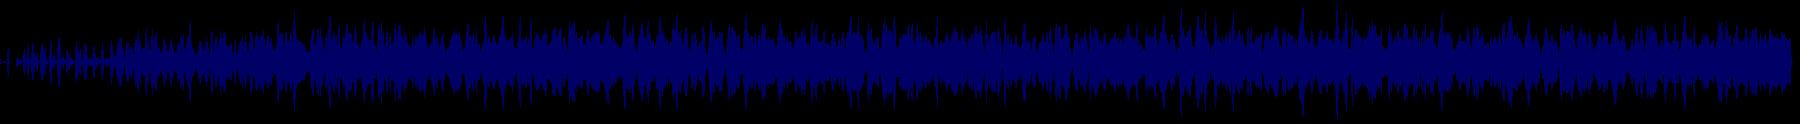 waveform of track #75408